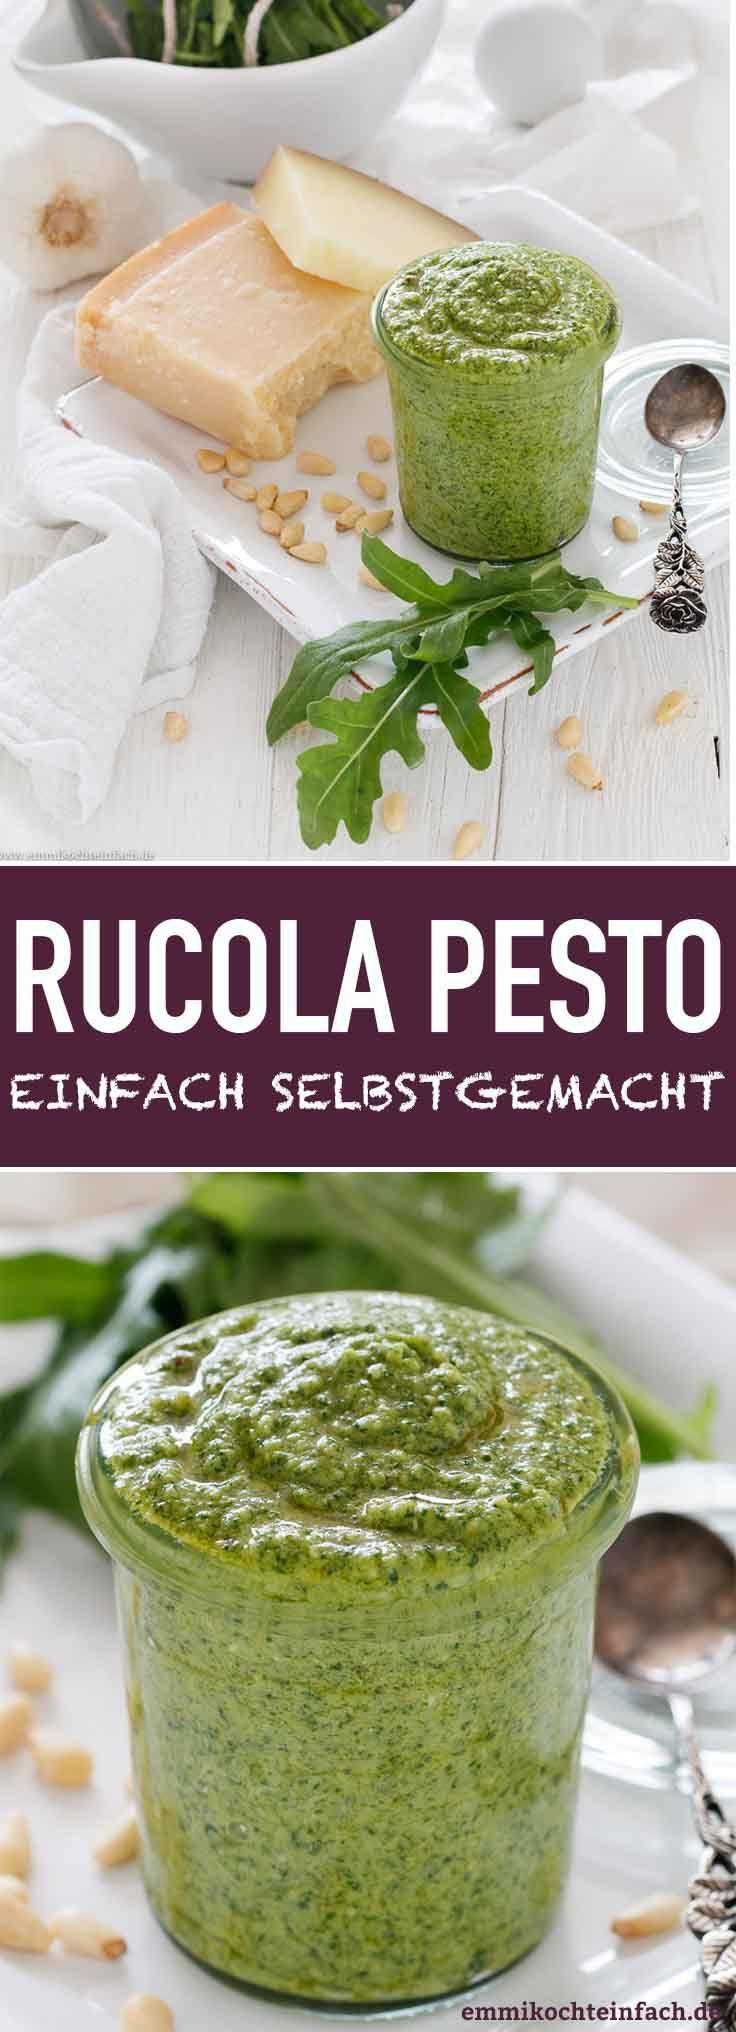 Rucola Pesto – schnell & einfach selbstgemacht